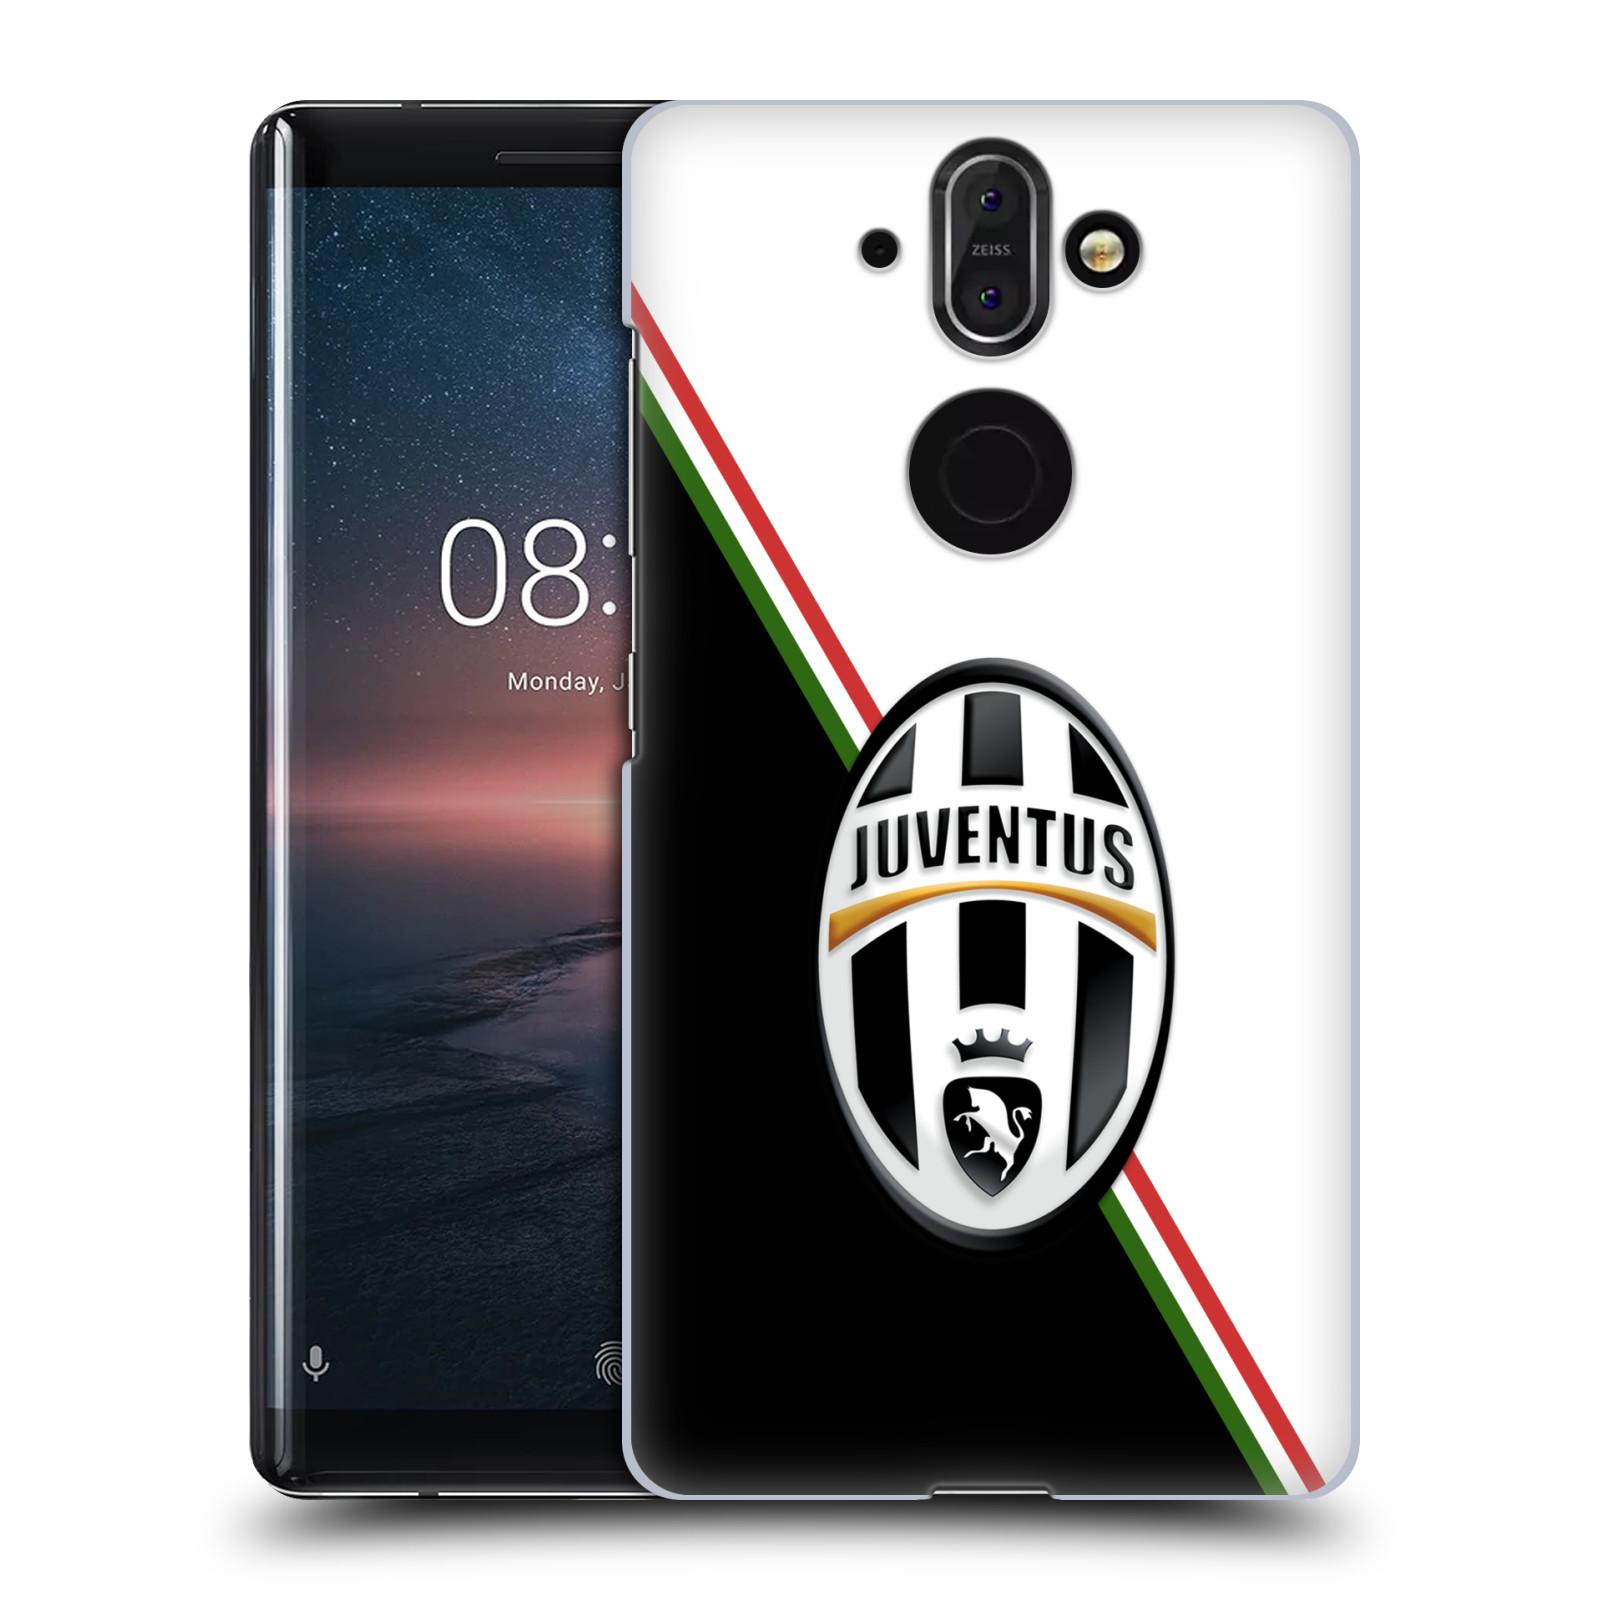 Plastové pouzdro na mobil Nokia 8 Sirocco - Head Case - Juventus FC - Black and White